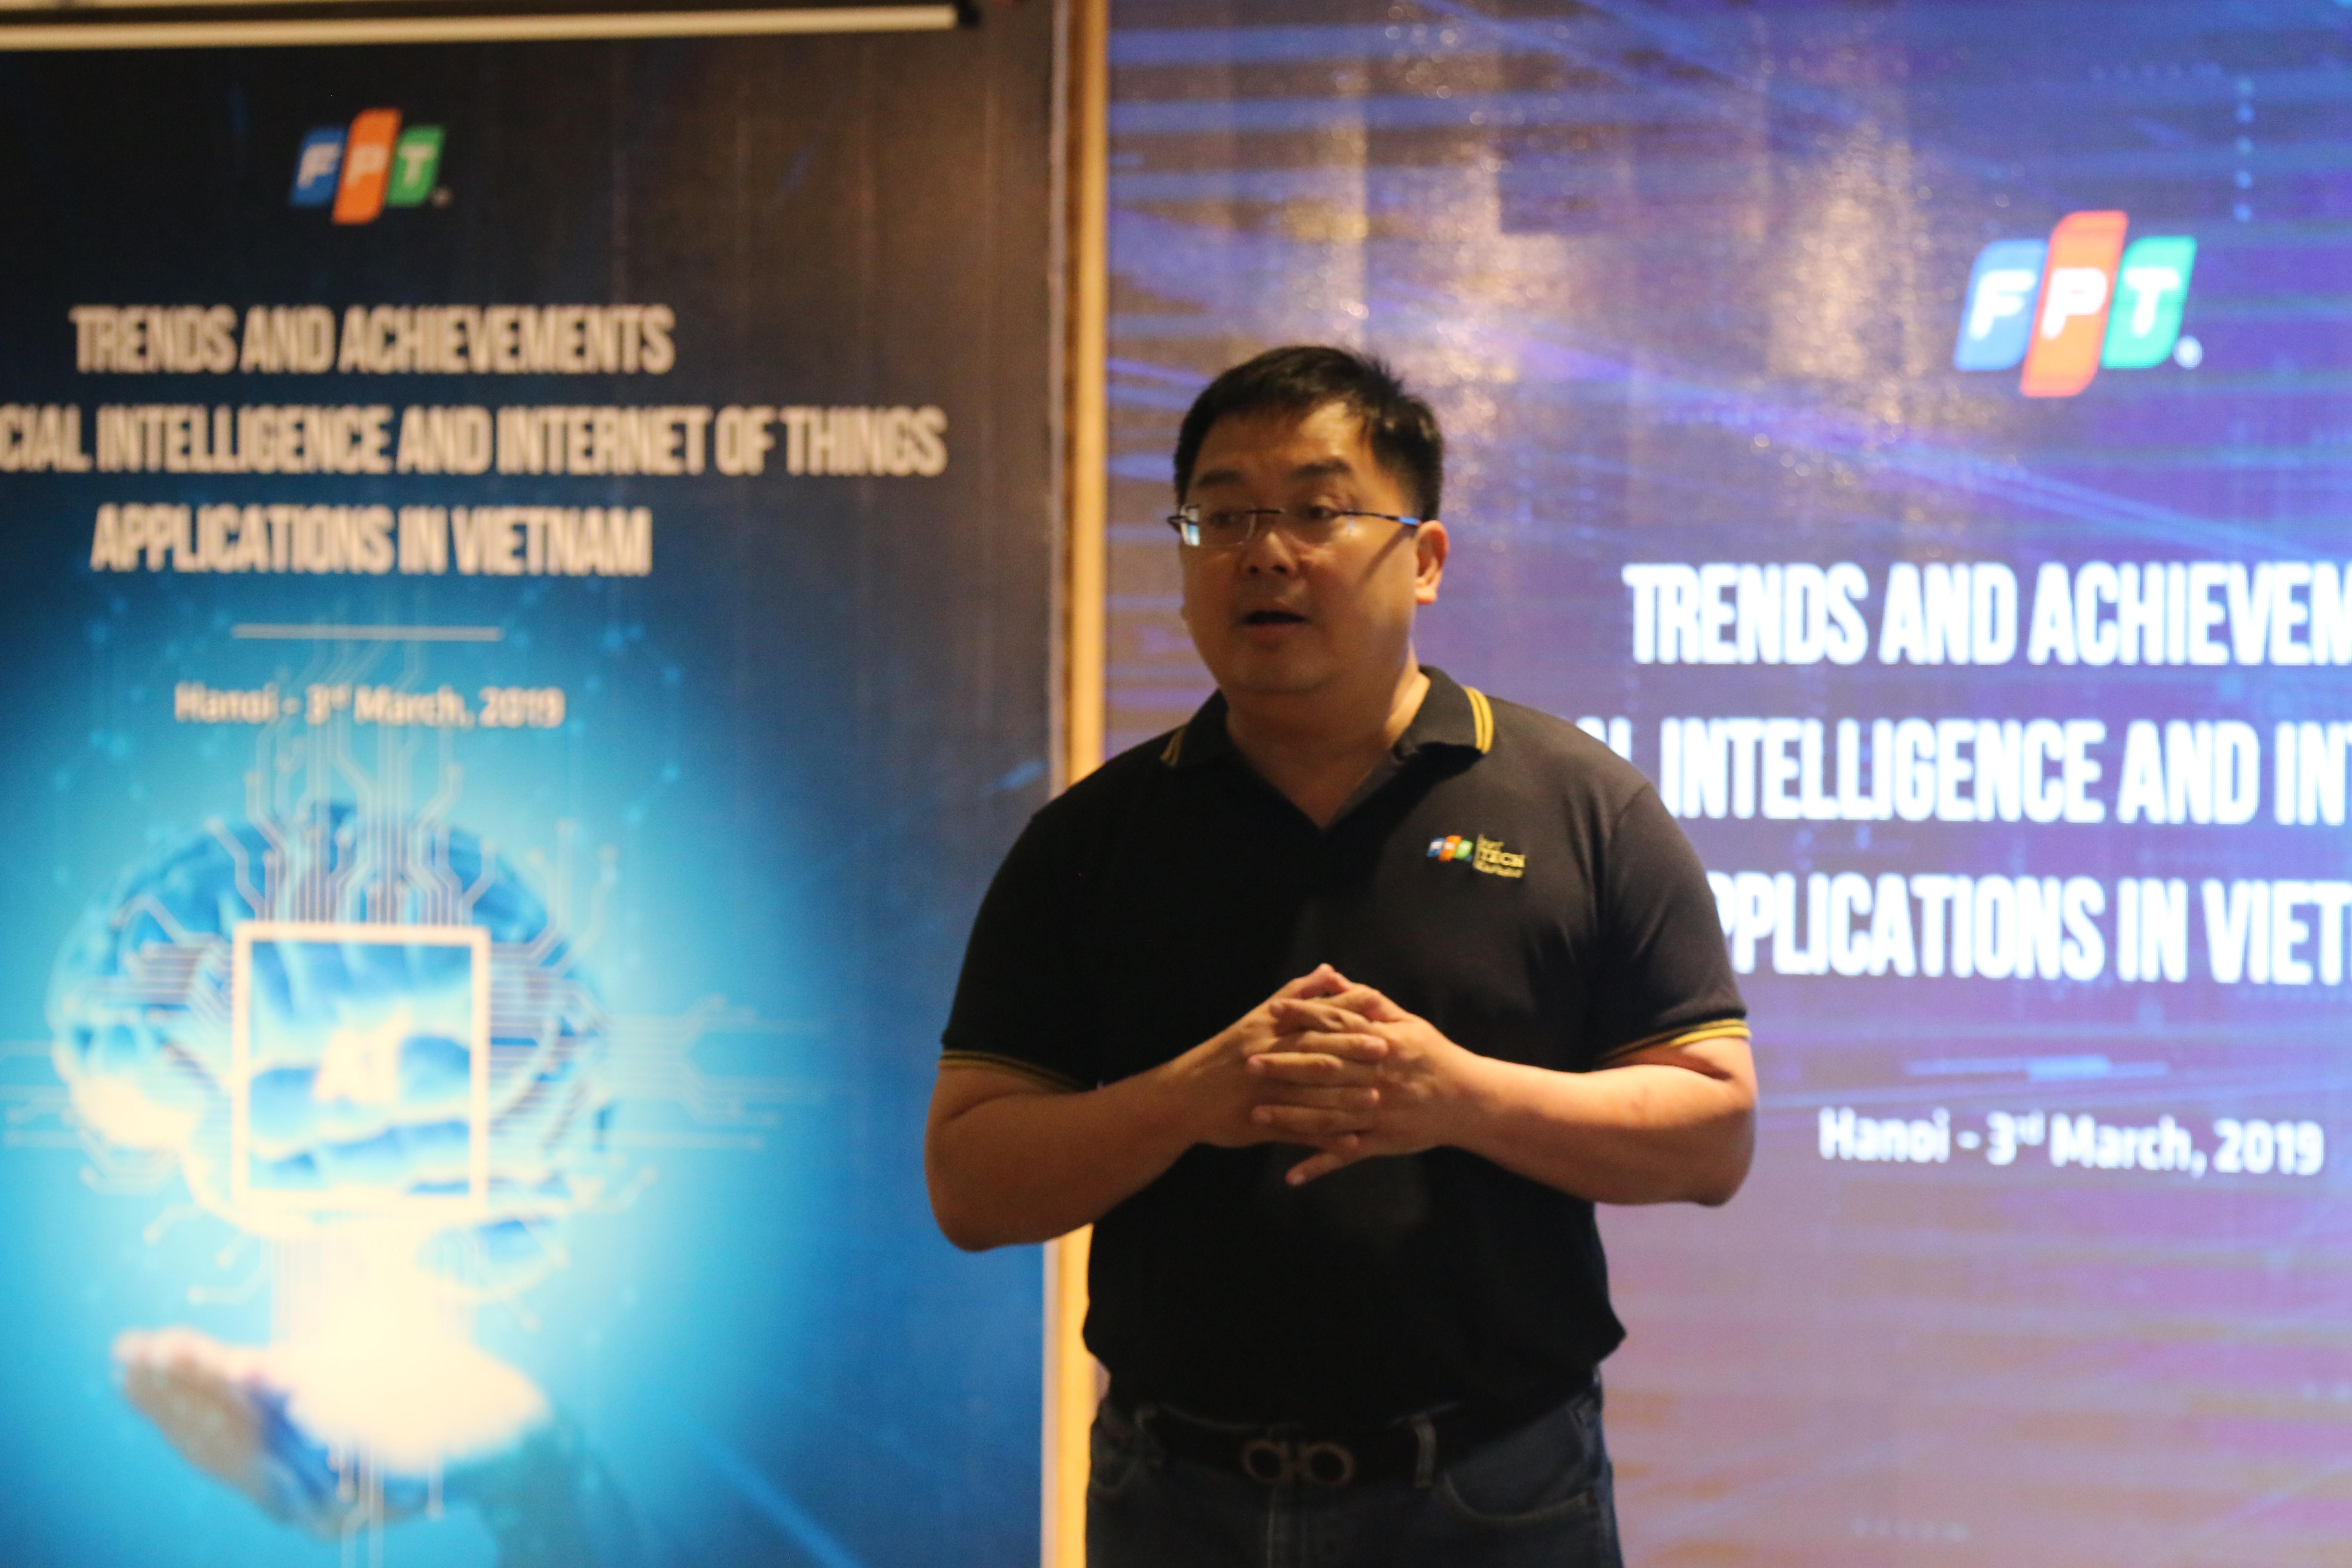 """FPT Software tổ chức sự kiện này nhằm kết nối các nhà khoa học Việt Nam đang làm việc tại nước ngoài cùng hợp tác nghiên cứu công nghệ mới. Từ đó, thúc đẩy phát triển nền kinh tế số của Việt Nam, góp phần nâng cao vị thế của Việt Nam trong cuộc cách mạng công nghiệp lần thứ 4. """"Chúng tôi đã quyết tâm đầu tư vào những hướng mới AI, Robotic, xe không người lái... Khoảng 20% doanh thu của chúng tôi là làm về chuyển đổi số với những hướng công nghệ mới nhất"""", Chủ tịch FPT Software Hoàng Nam Tiến khẳng định. Người đứng đầu FPT Software mong muốn tạo ra môi trường, điều kiện để làm sao tập hợp được nhiều nhà khoa học người Việt trên toàn cầu, góp phần xây dựng các nền tảng công nghệ cho Việt Nam đưa công nghệ vào những ngành mà Việt Nam còn thiếu như nông nghiệp, thủy sản, may mặc, da giầy... Anh Tiến nhận định: """"Công nghệ sẽ tạo ra bệ phóng, vũ khí để Việt Nam đuổi kịp, đi cùng và đi ngang với những nước tiên tiến trên thế giới""""."""